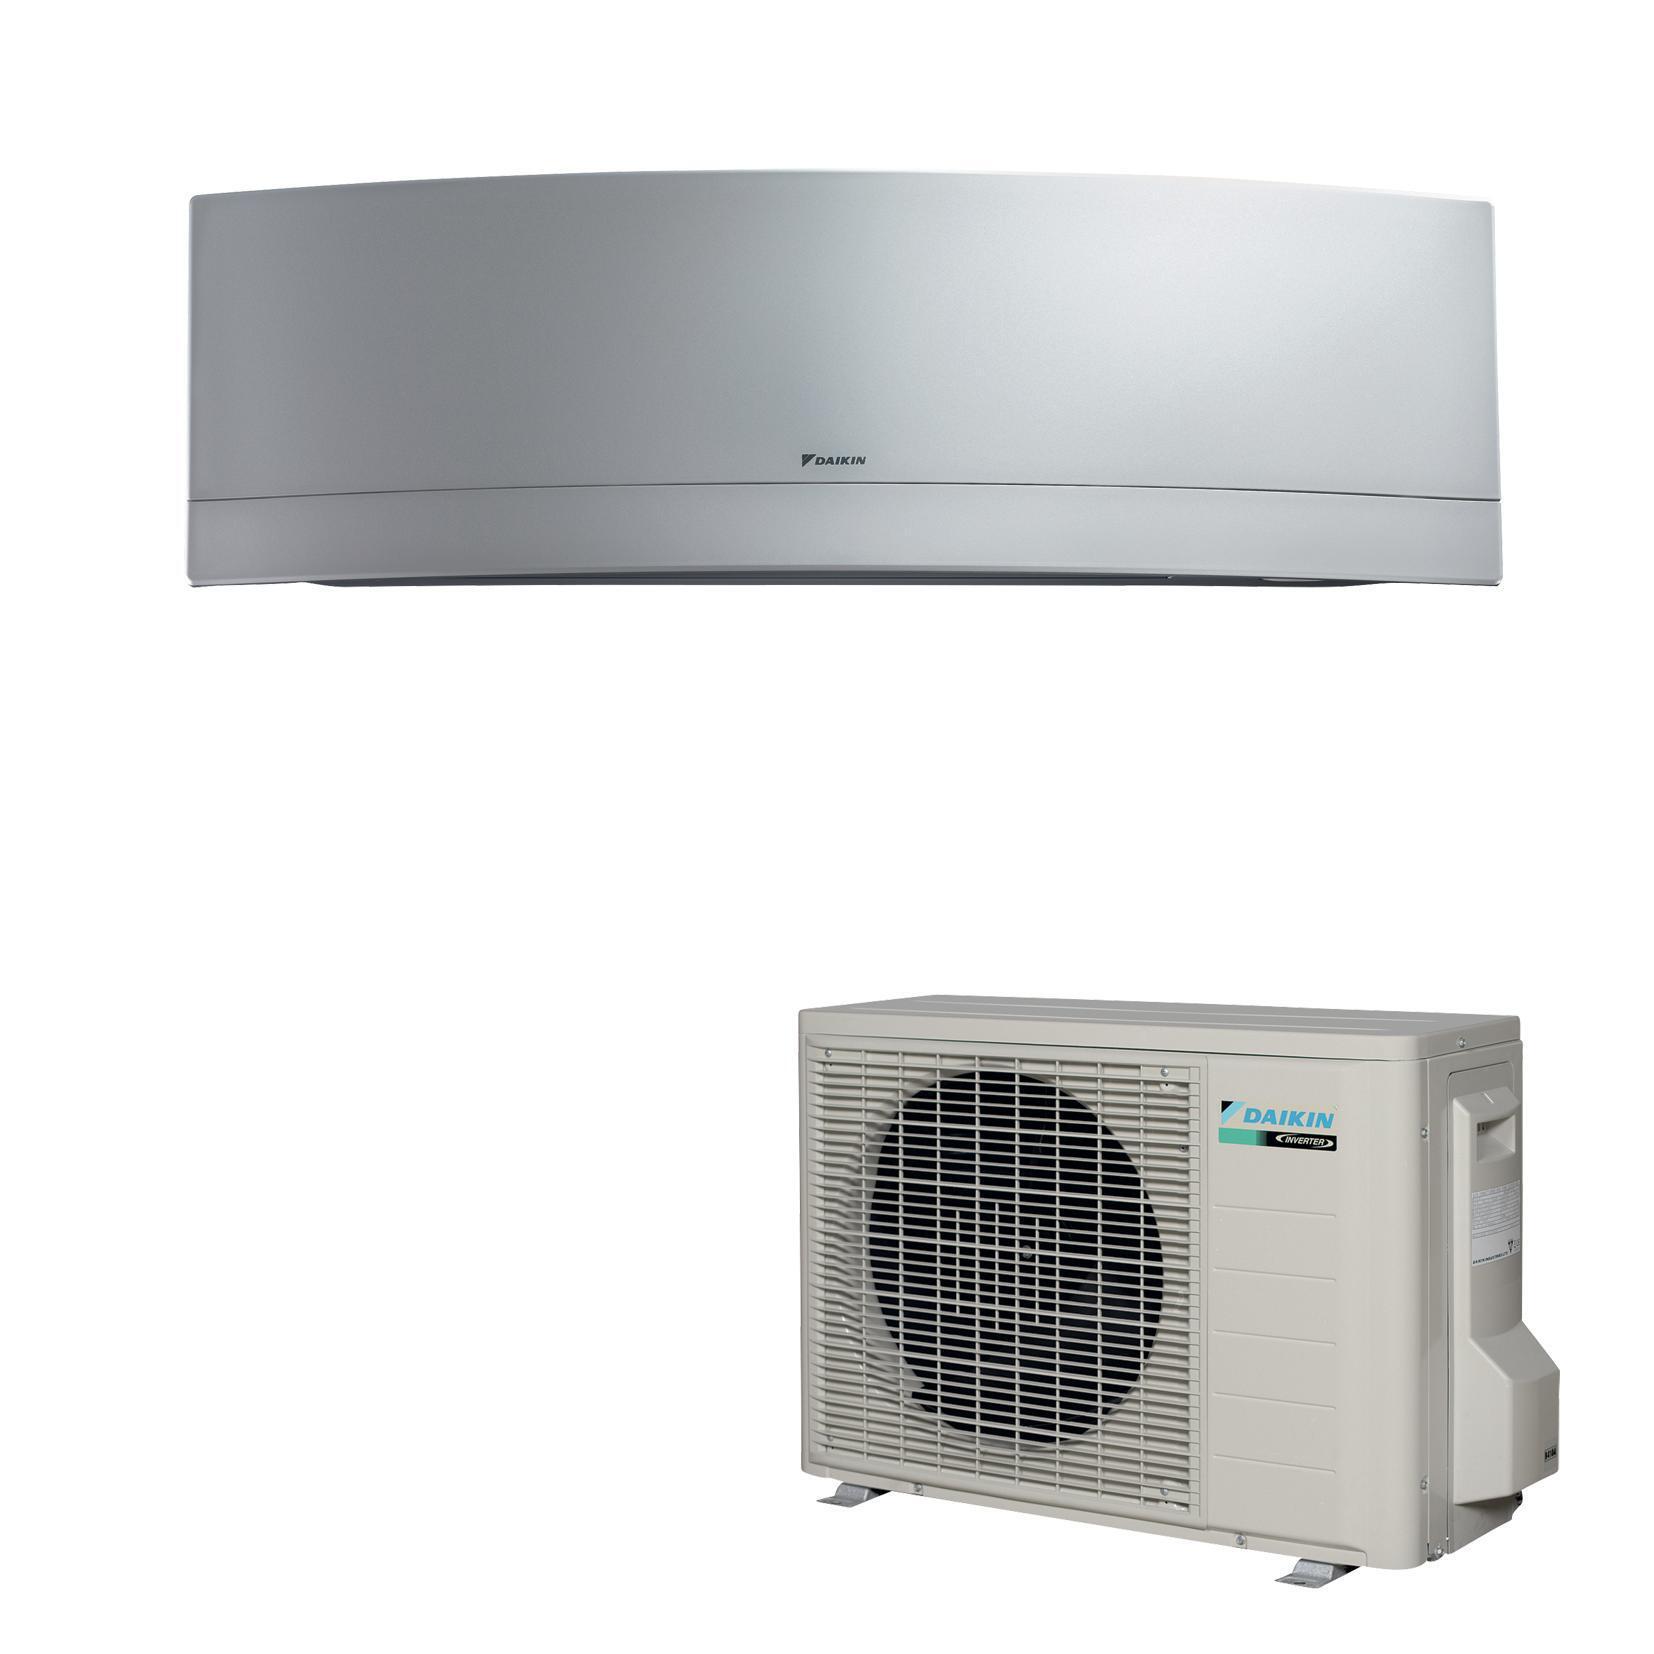 Climatizzatore monosplit DAIKIN Emura 8200 BTU classe A+++ - 1